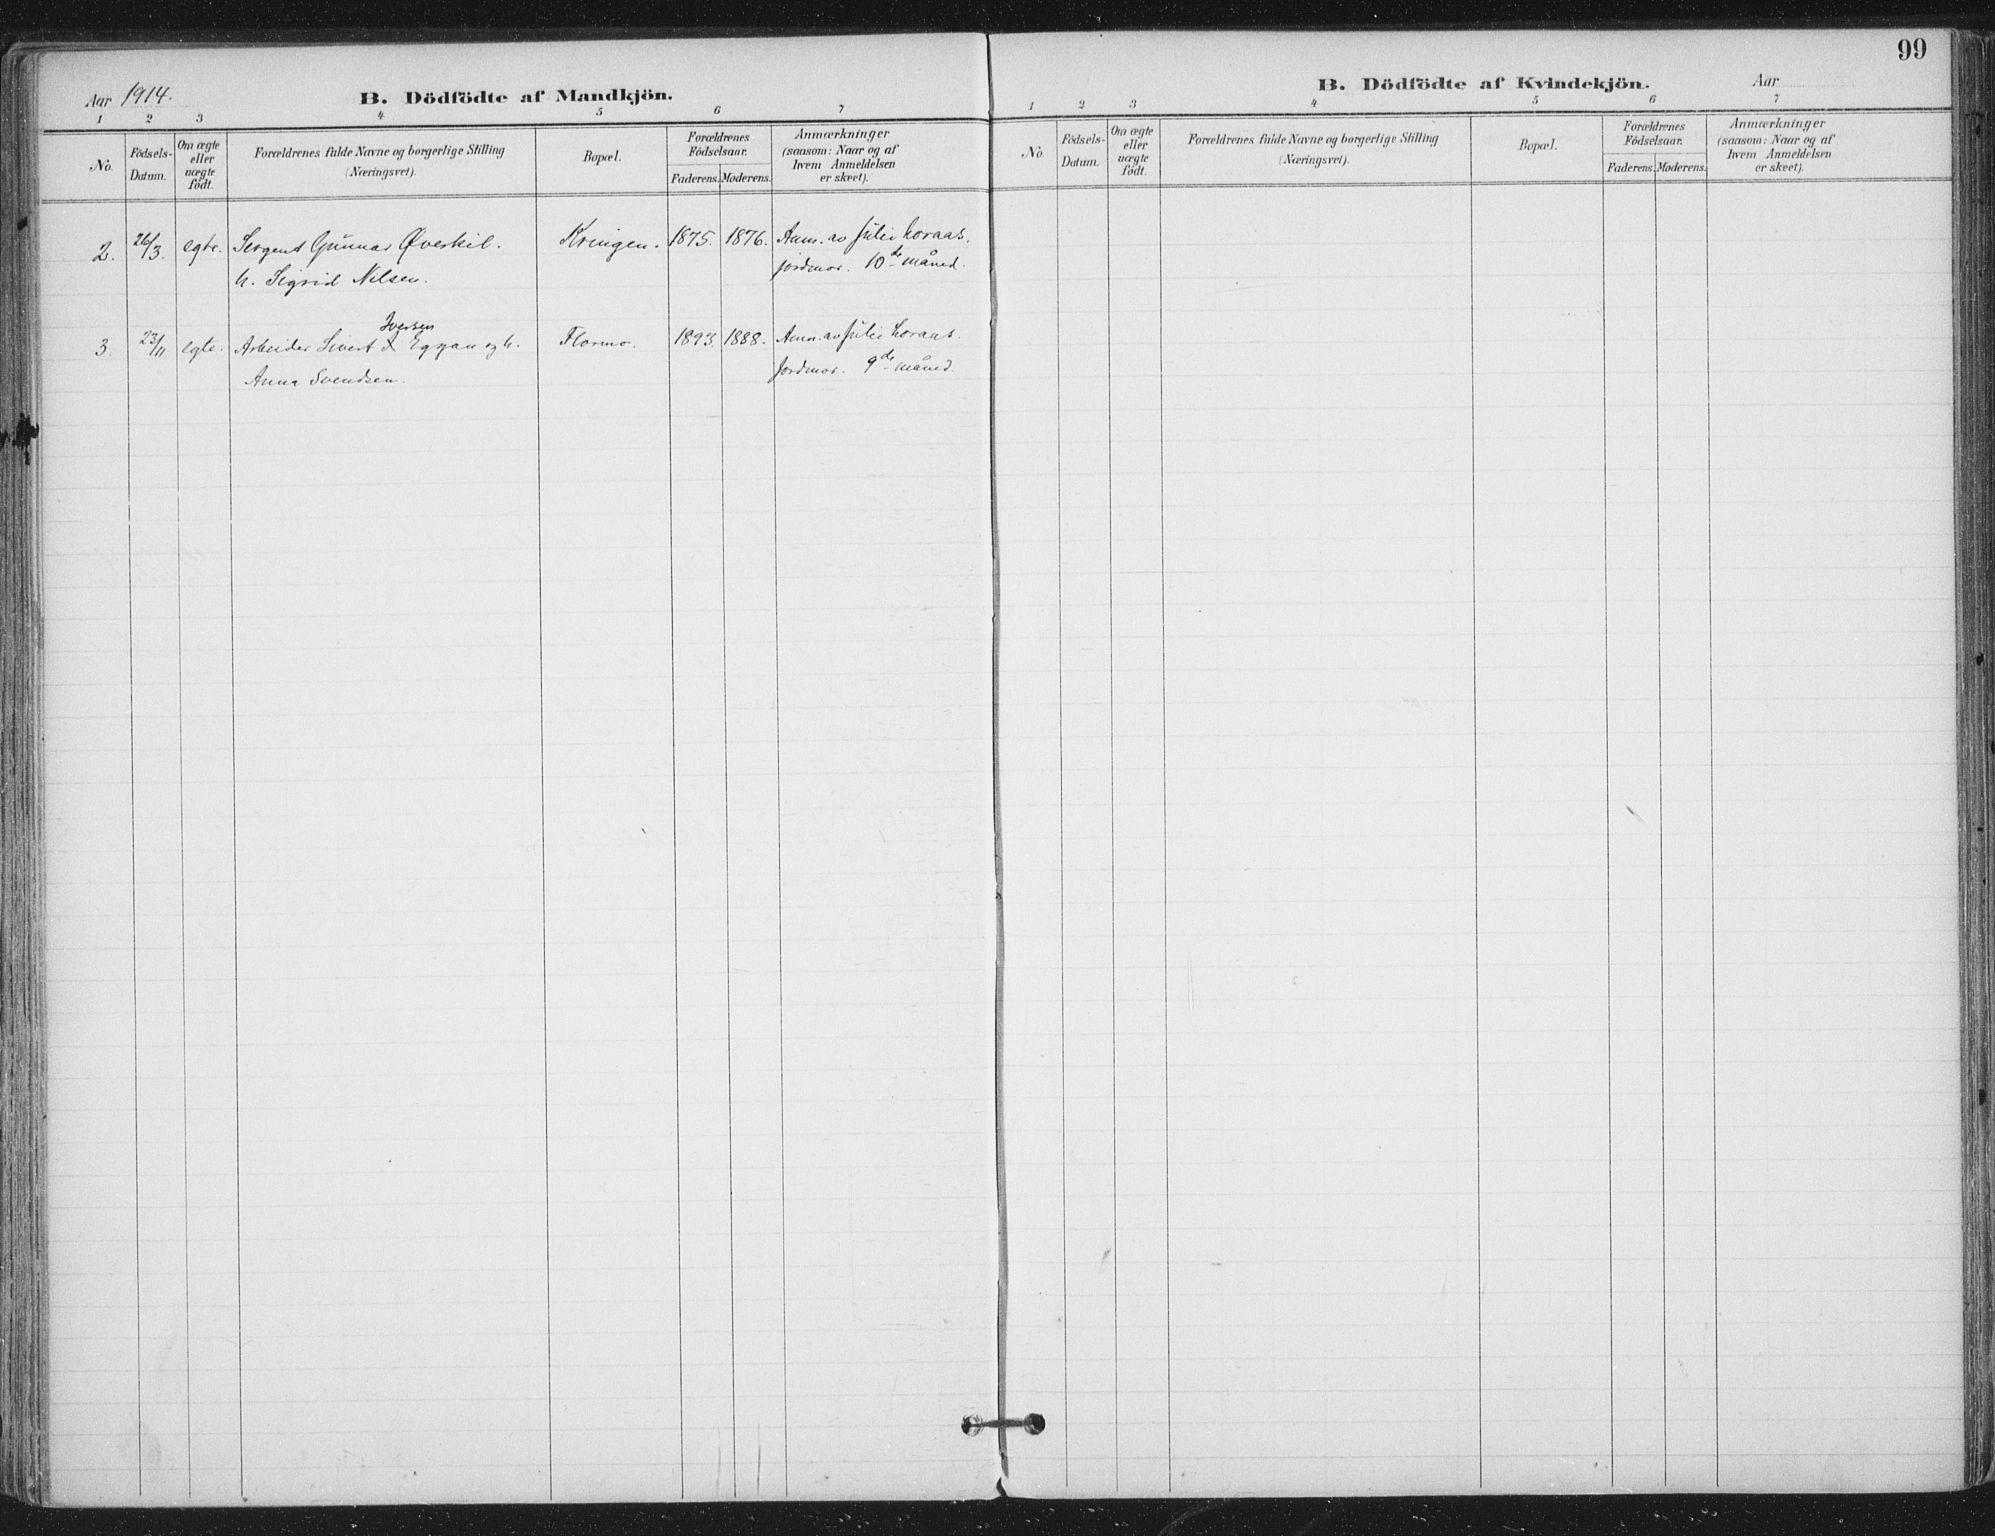 SAT, Ministerialprotokoller, klokkerbøker og fødselsregistre - Nord-Trøndelag, 703/L0031: Ministerialbok nr. 703A04, 1893-1914, s. 99